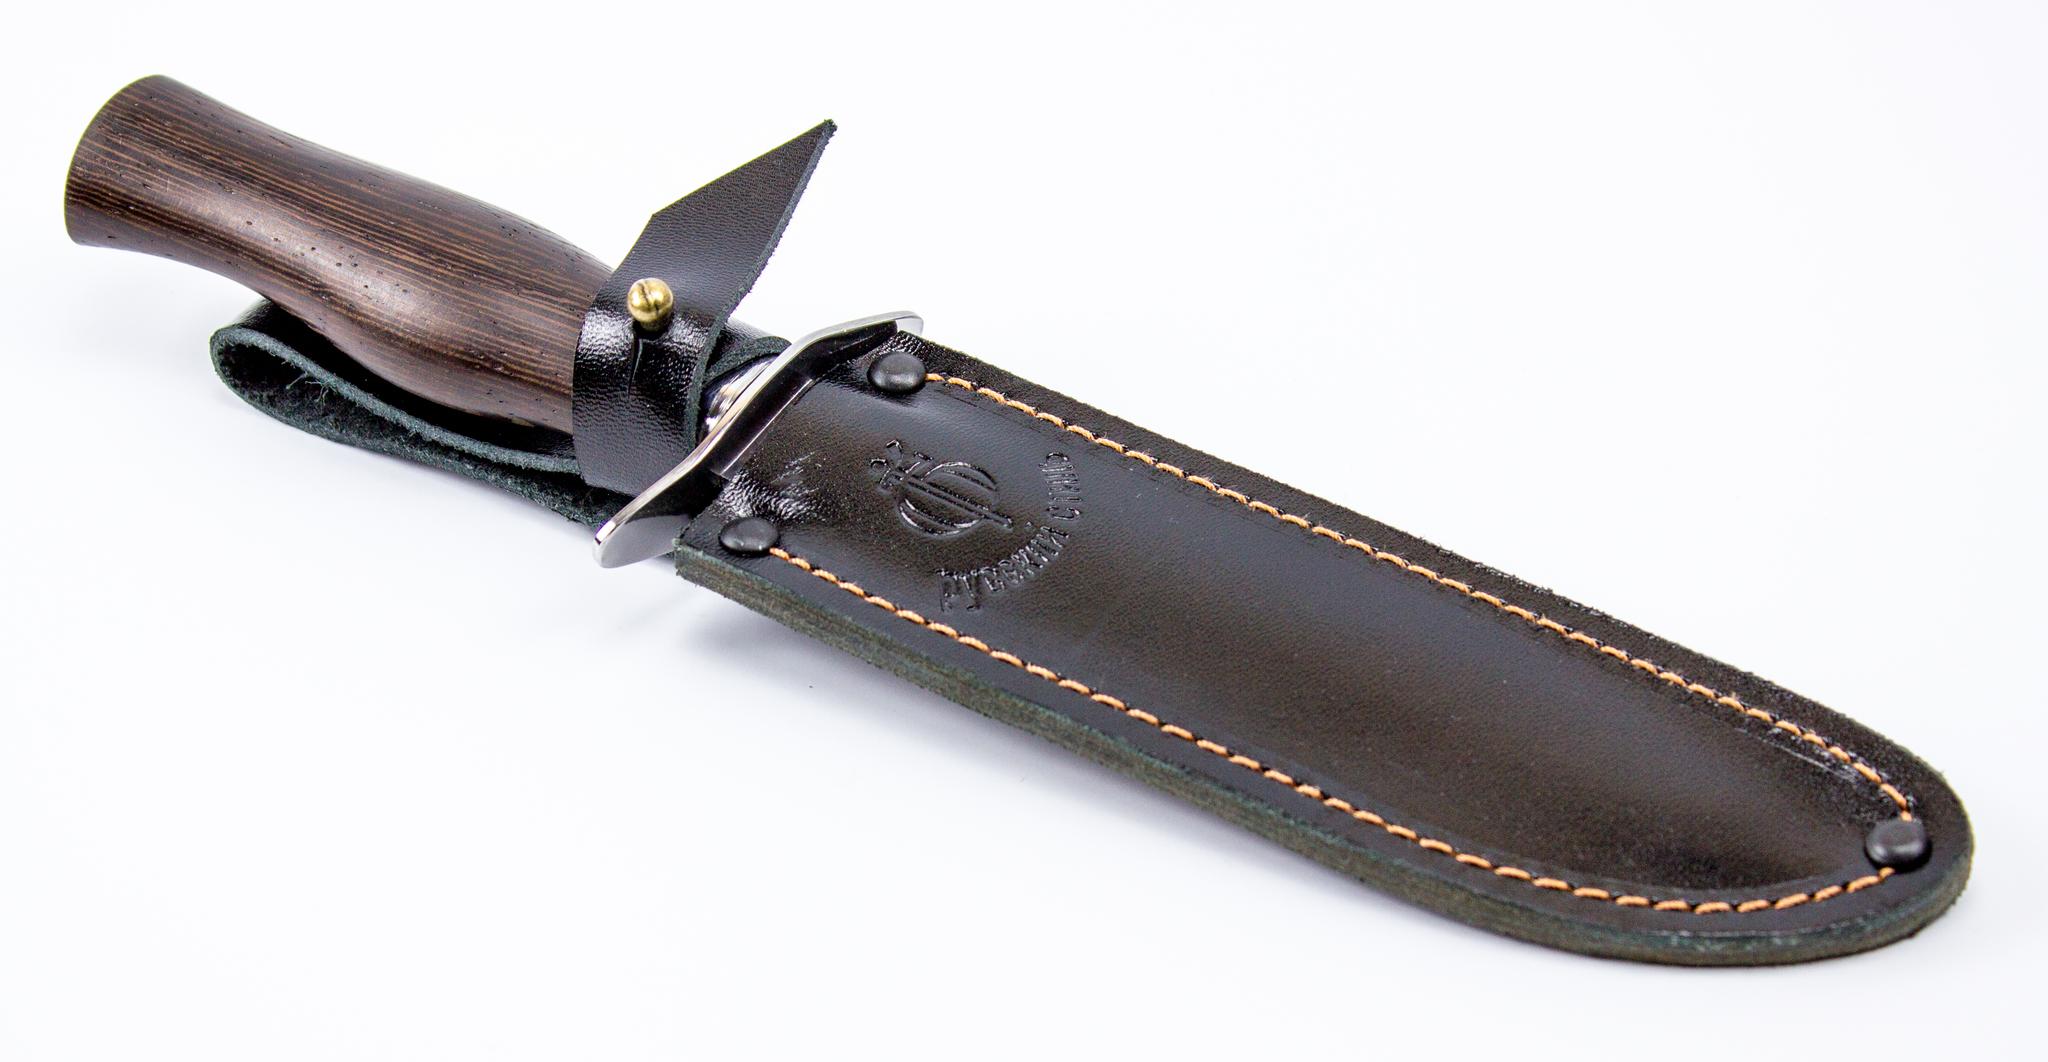 Фото 5 - Нож разведчика НР-40, 65Г, венге от Фабрика Баринова